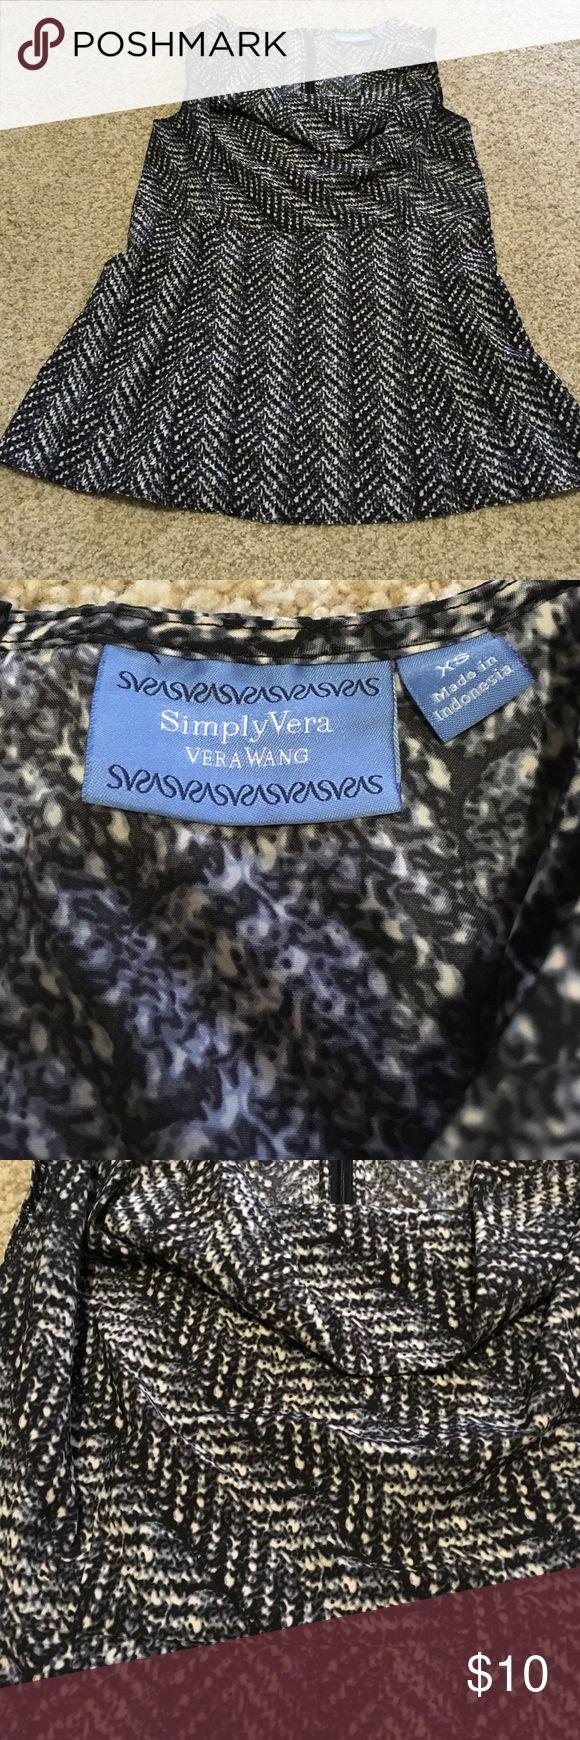 Simply Vera Wang sleeveless top Black gray and white sleeveless top by Vera Wang Simply Vera Vera Wang Tops